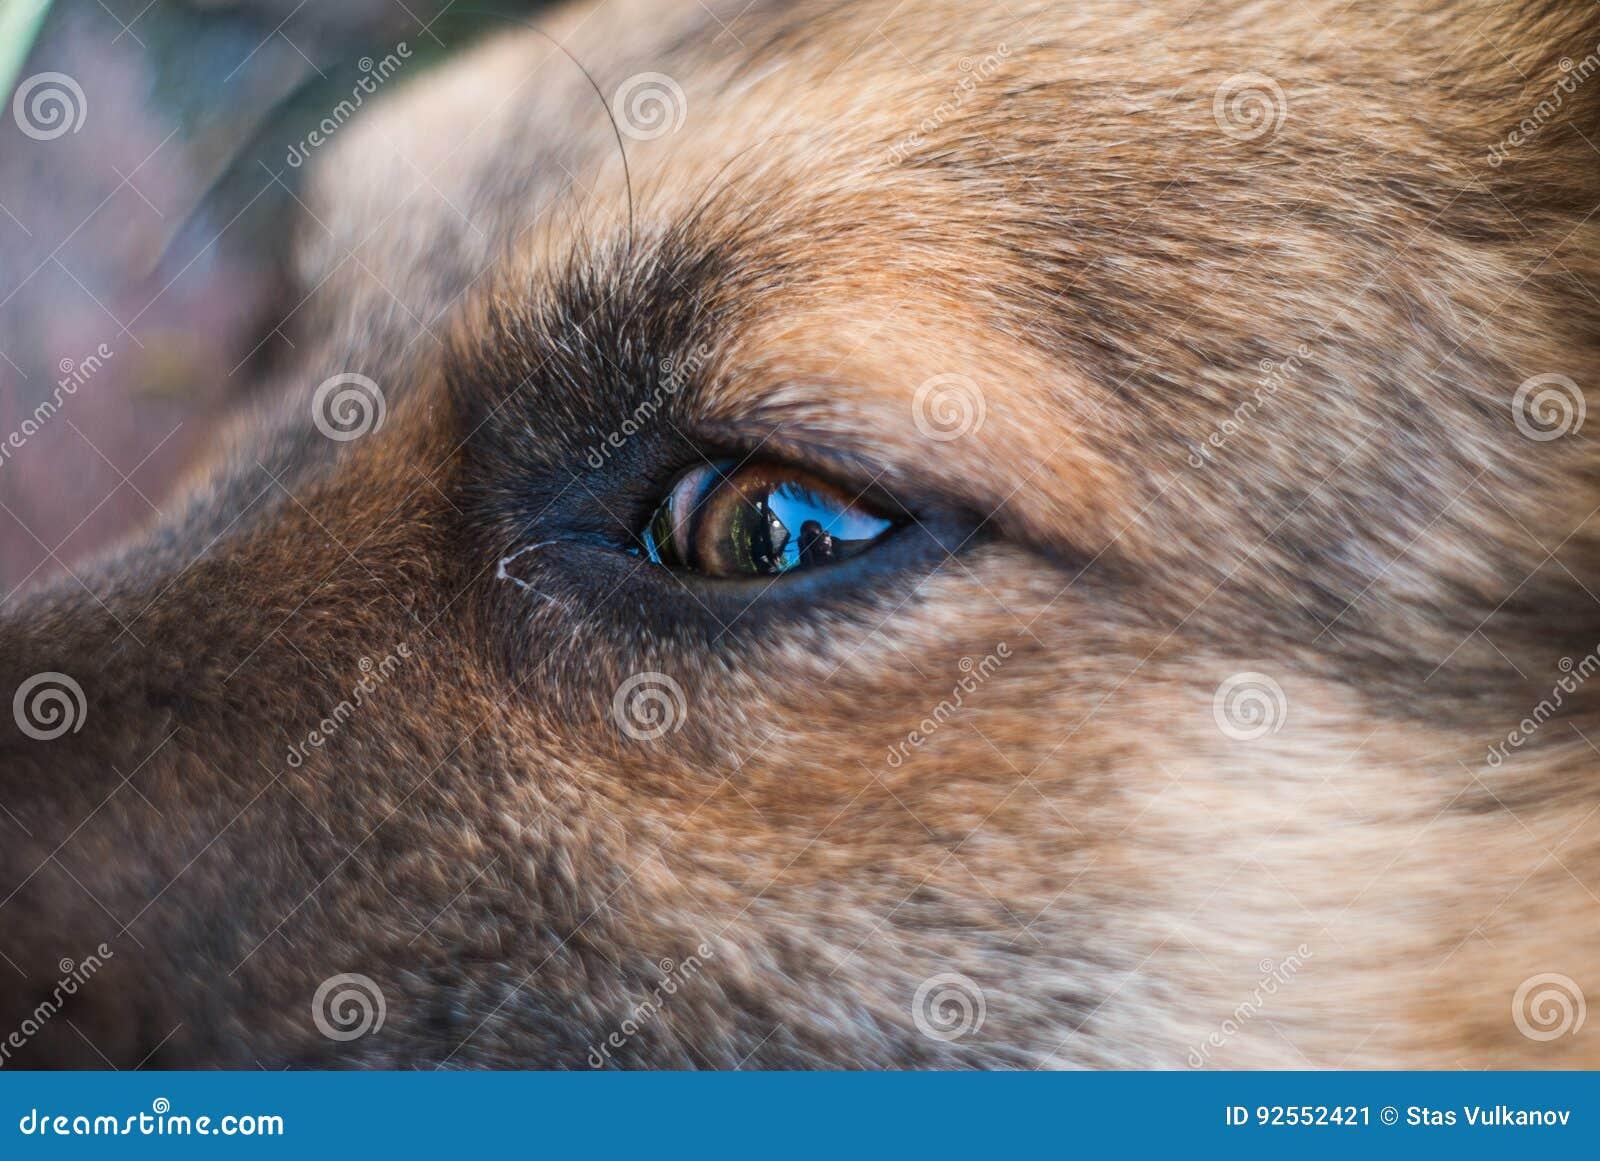 Primo piano dell occhio del cane,